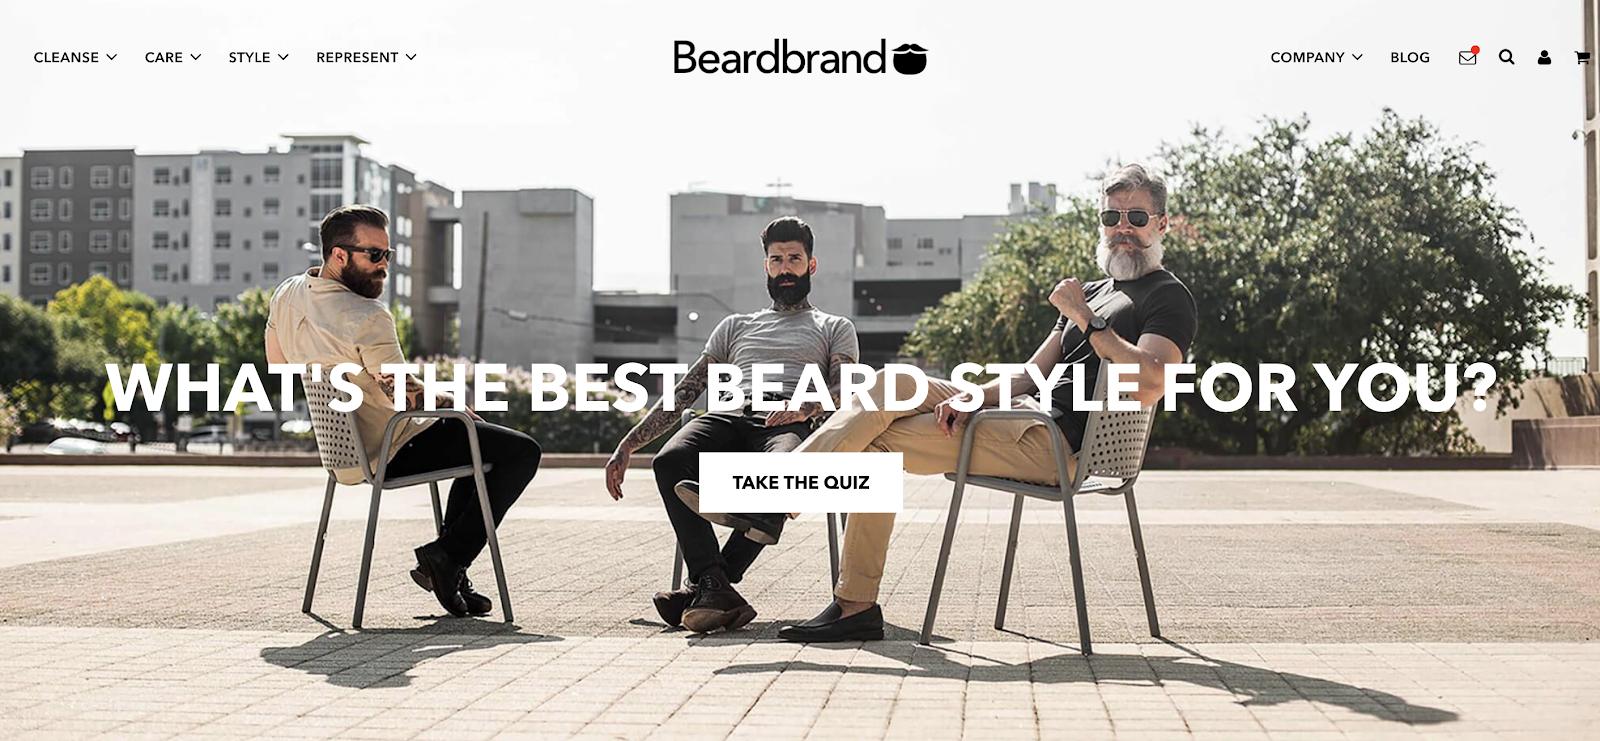 beardbrand homepage cta per i visitatori di fare il quiz